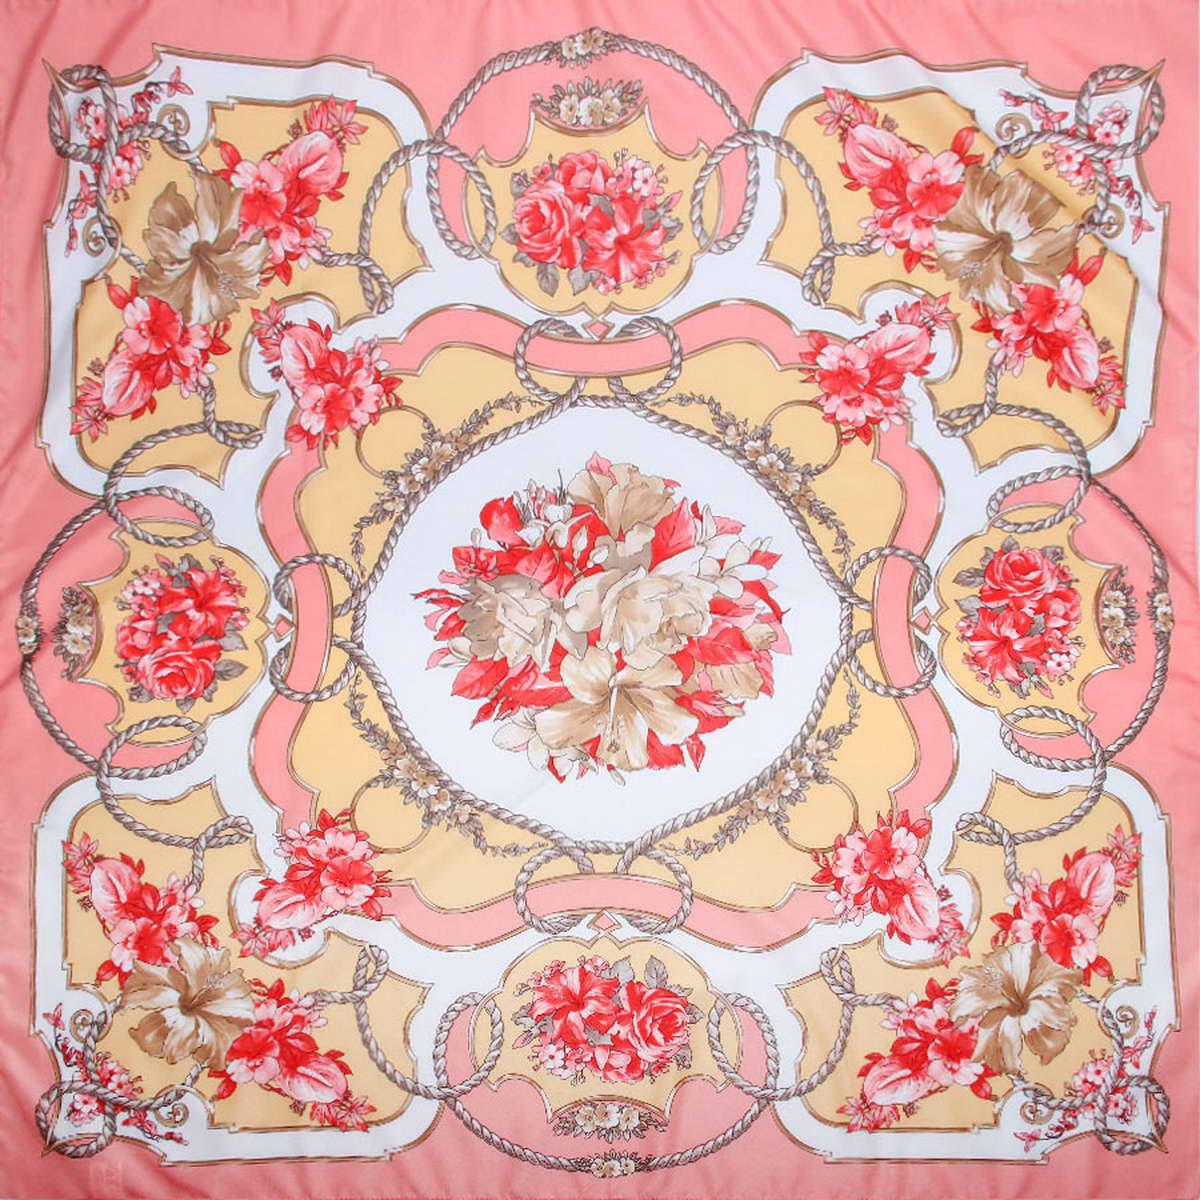 Платок женский Venera, цвет: розовый, бежевый, красный. 3904972-11. Размер 90 см х 90 см3904972-11Стильный женский платок Venera станет великолепным завершением любого наряда. Платок, изготовленный из полиэстера, оформлен цветочным принтом. Классическая квадратная форма позволяет носить платок на шее, украшать им прическу или декорировать сумочку. Легкий и приятный на ощупь платок поможет вам создать изысканный женственный образ. Такой платок превосходно дополнит любой наряд и подчеркнет ваш неповторимый вкус и элегантность.